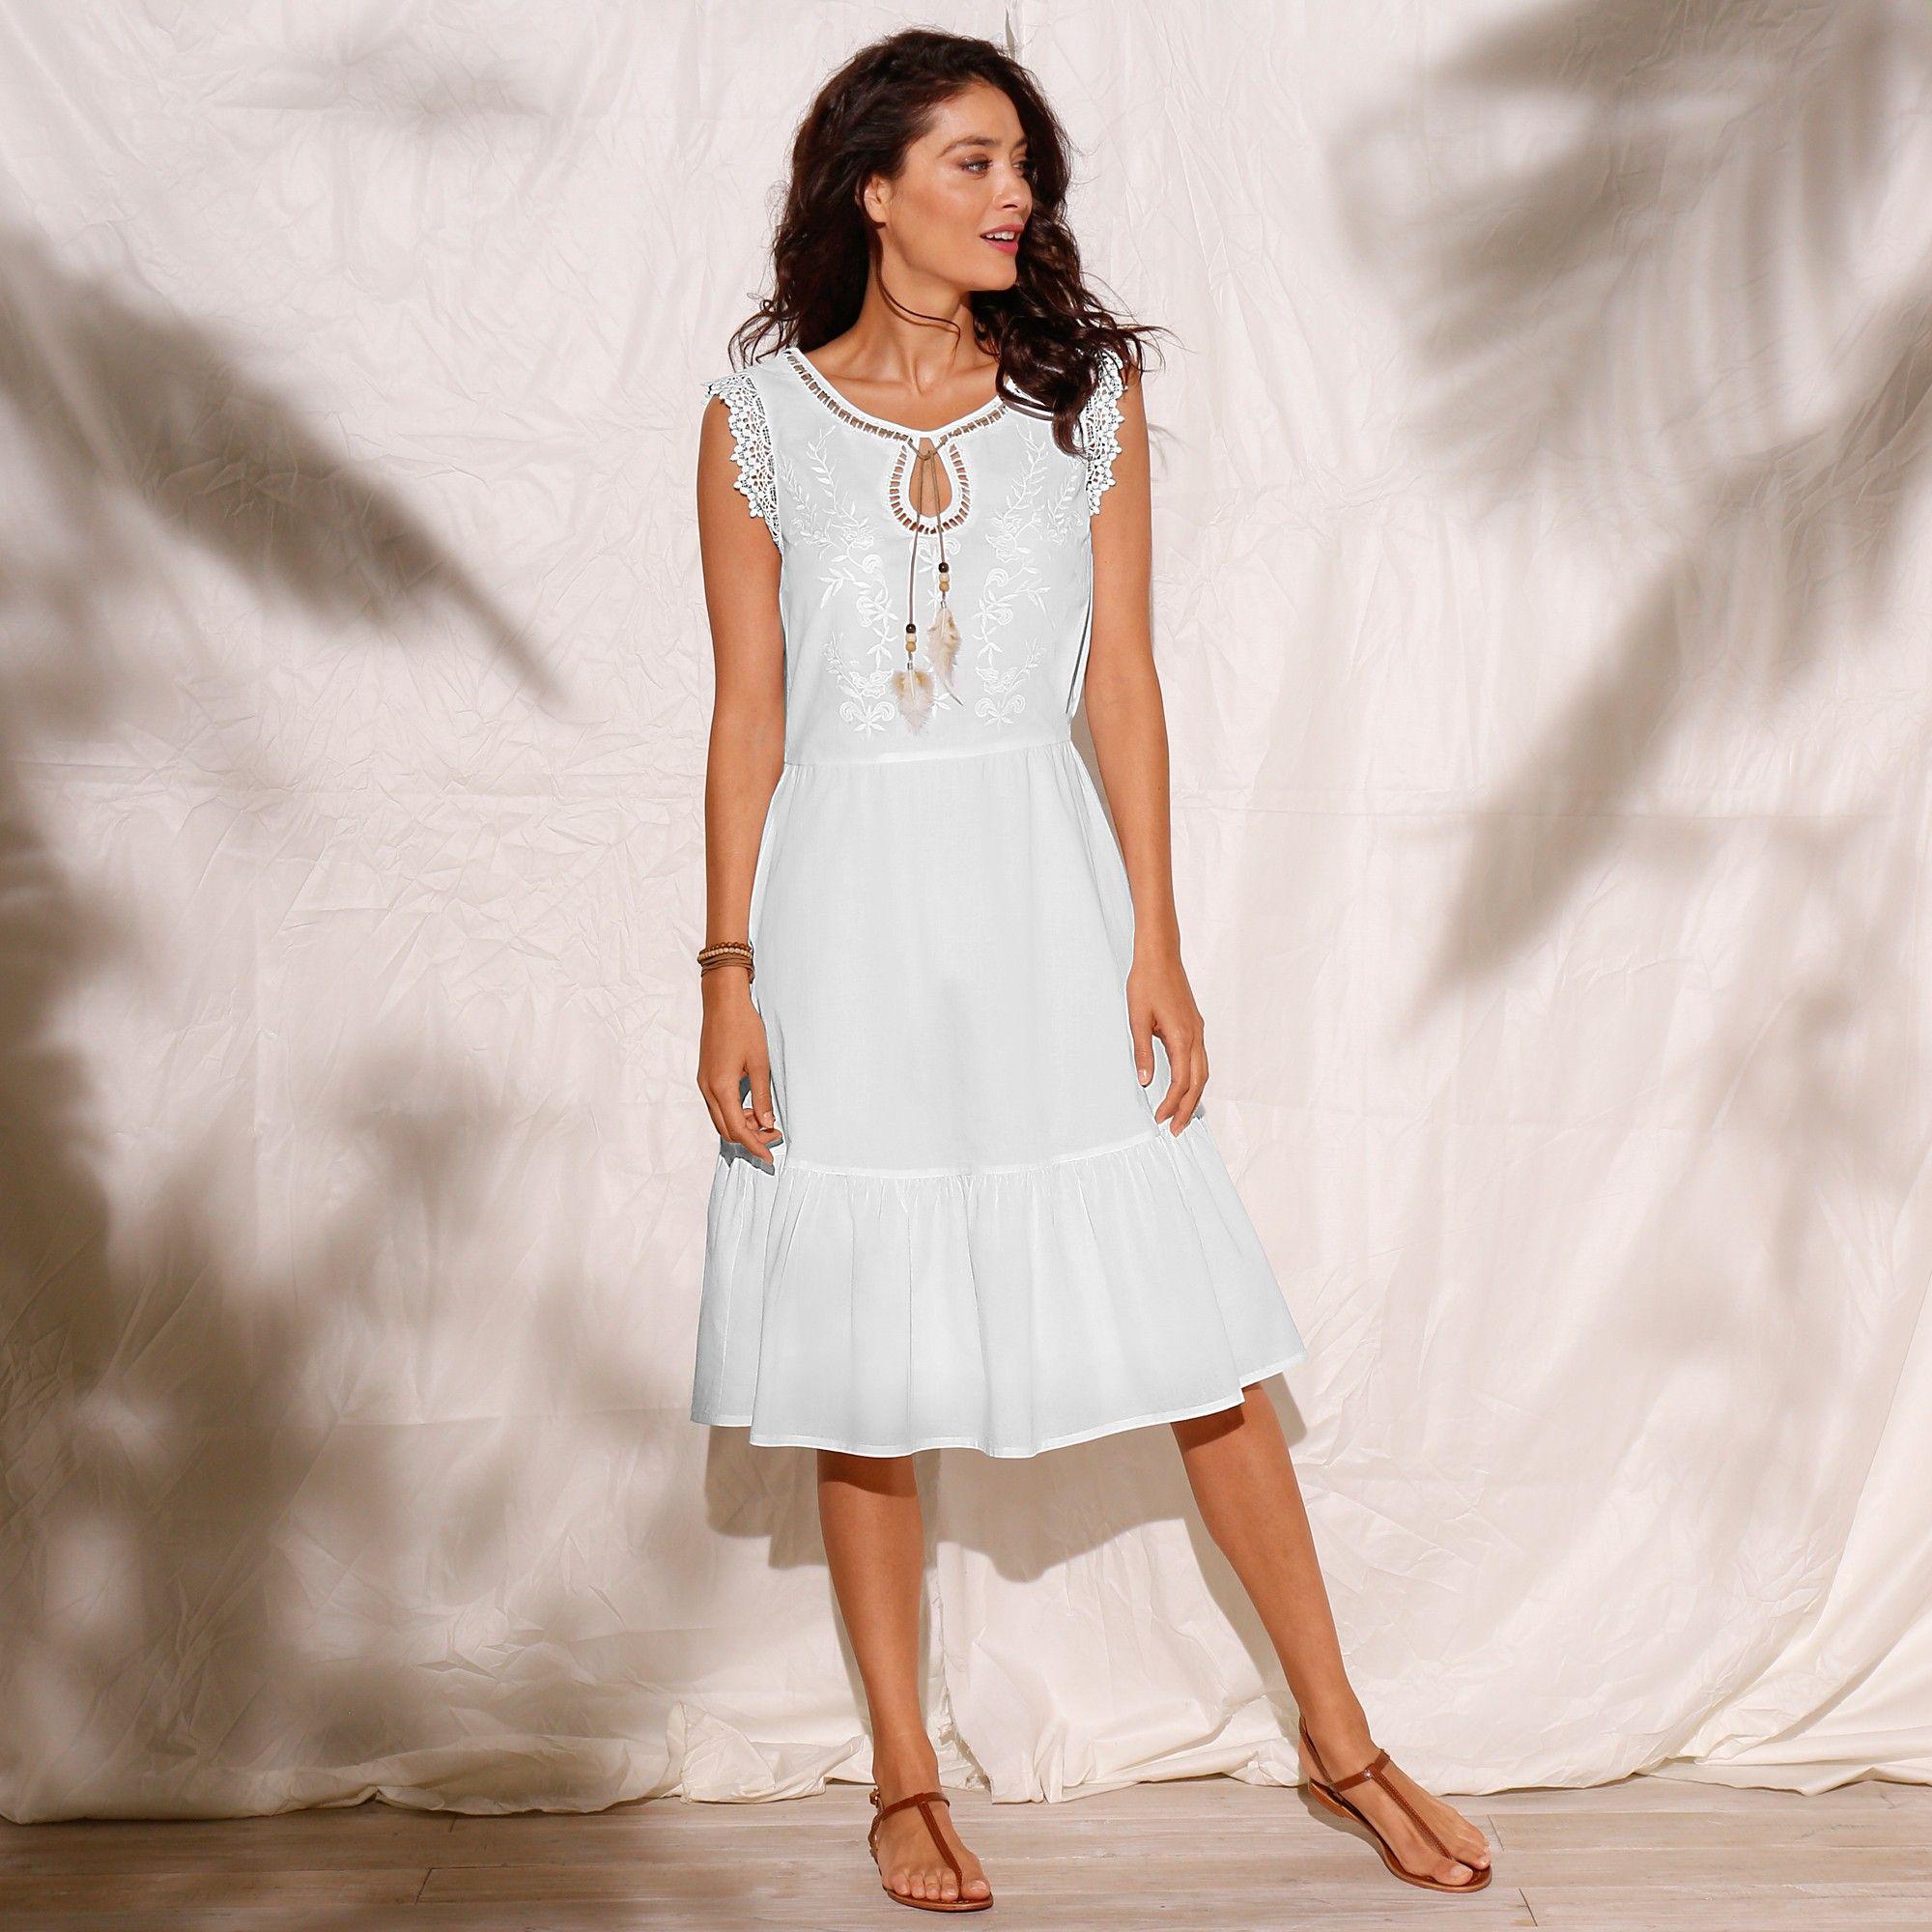 Le Charme A L Etat Pur Voici La Robe A Avoir Absolument Cette Saison Tant Elle Sublime La Feminite Robe Idees De Mode Robe Longue